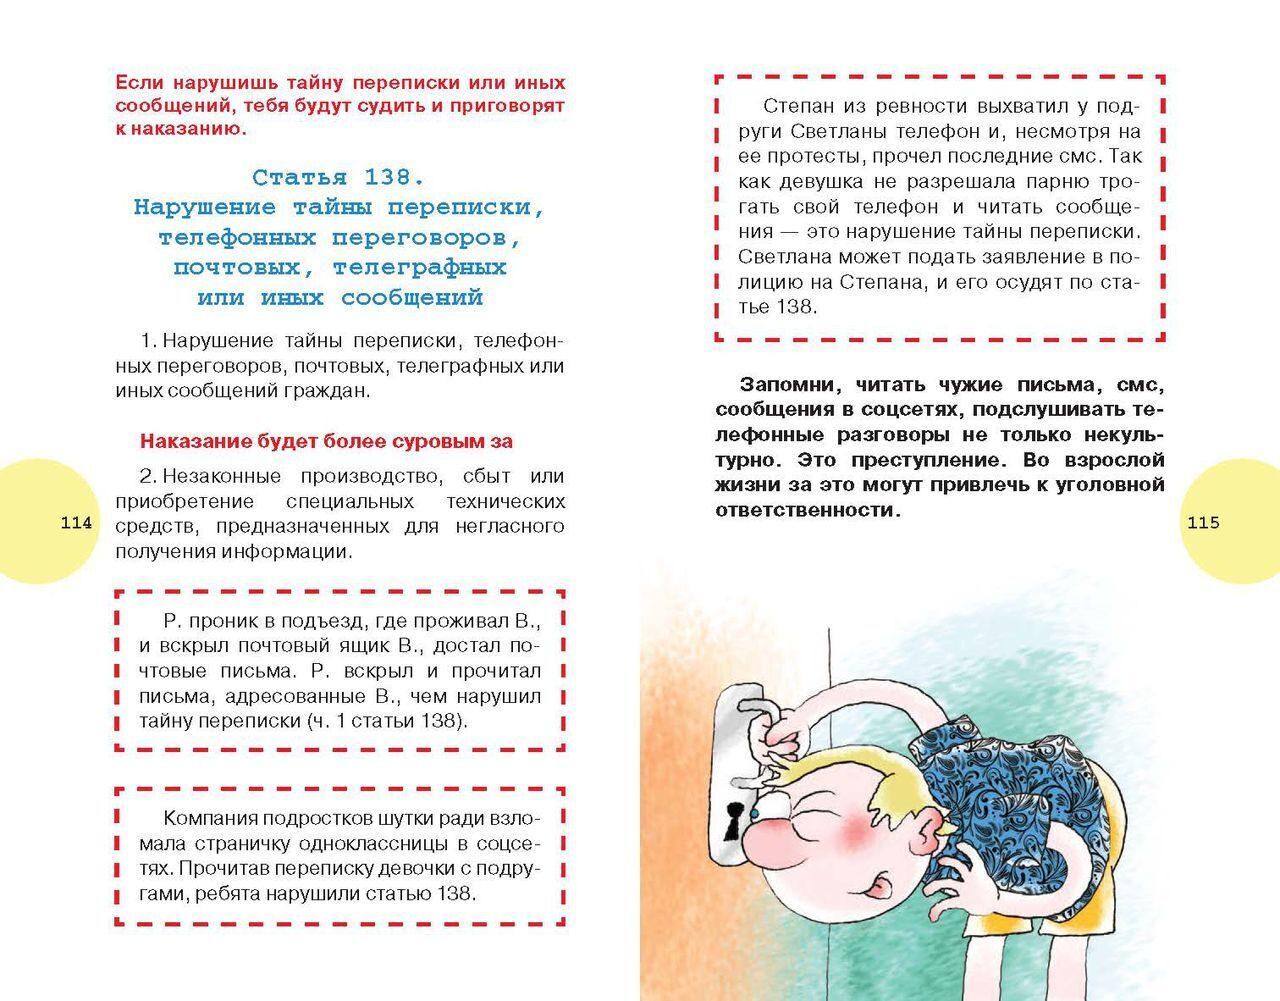 Уголовный кодекс скачать pdf